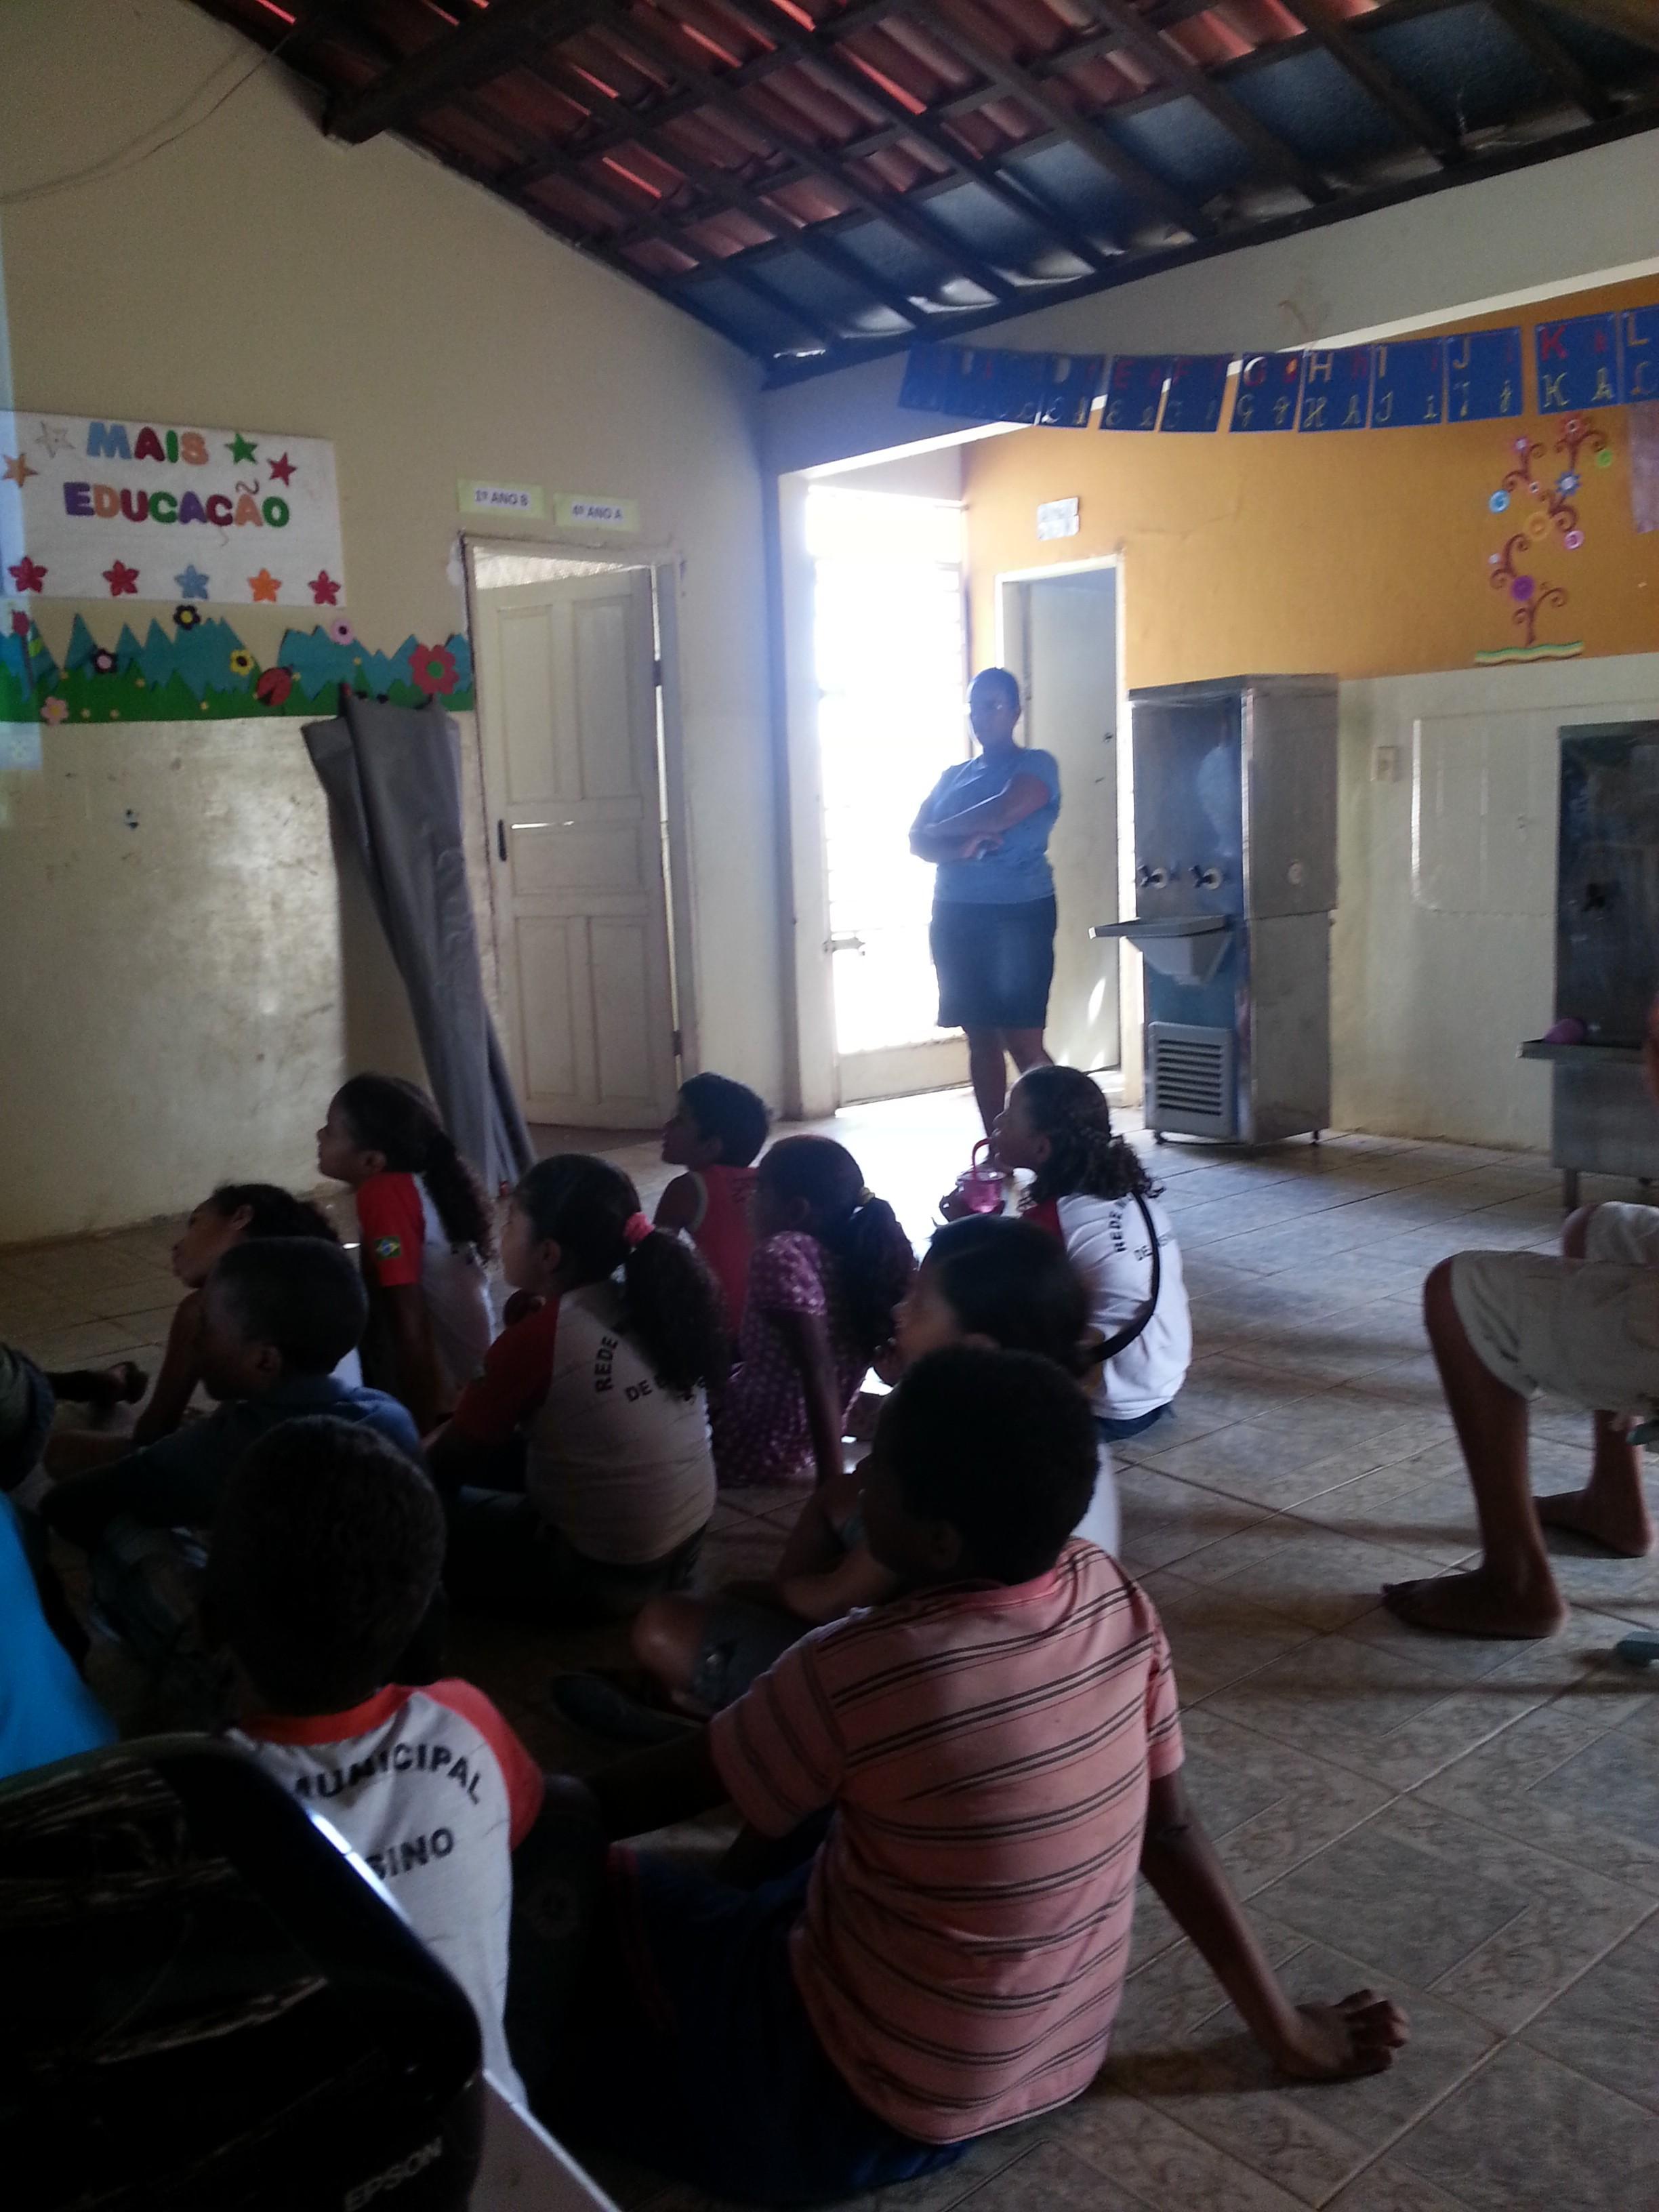 Palestra sobre Saúde Ambiental na Escola Raimundo Medrado Primo, Juazeiro-BA - 22.11.13